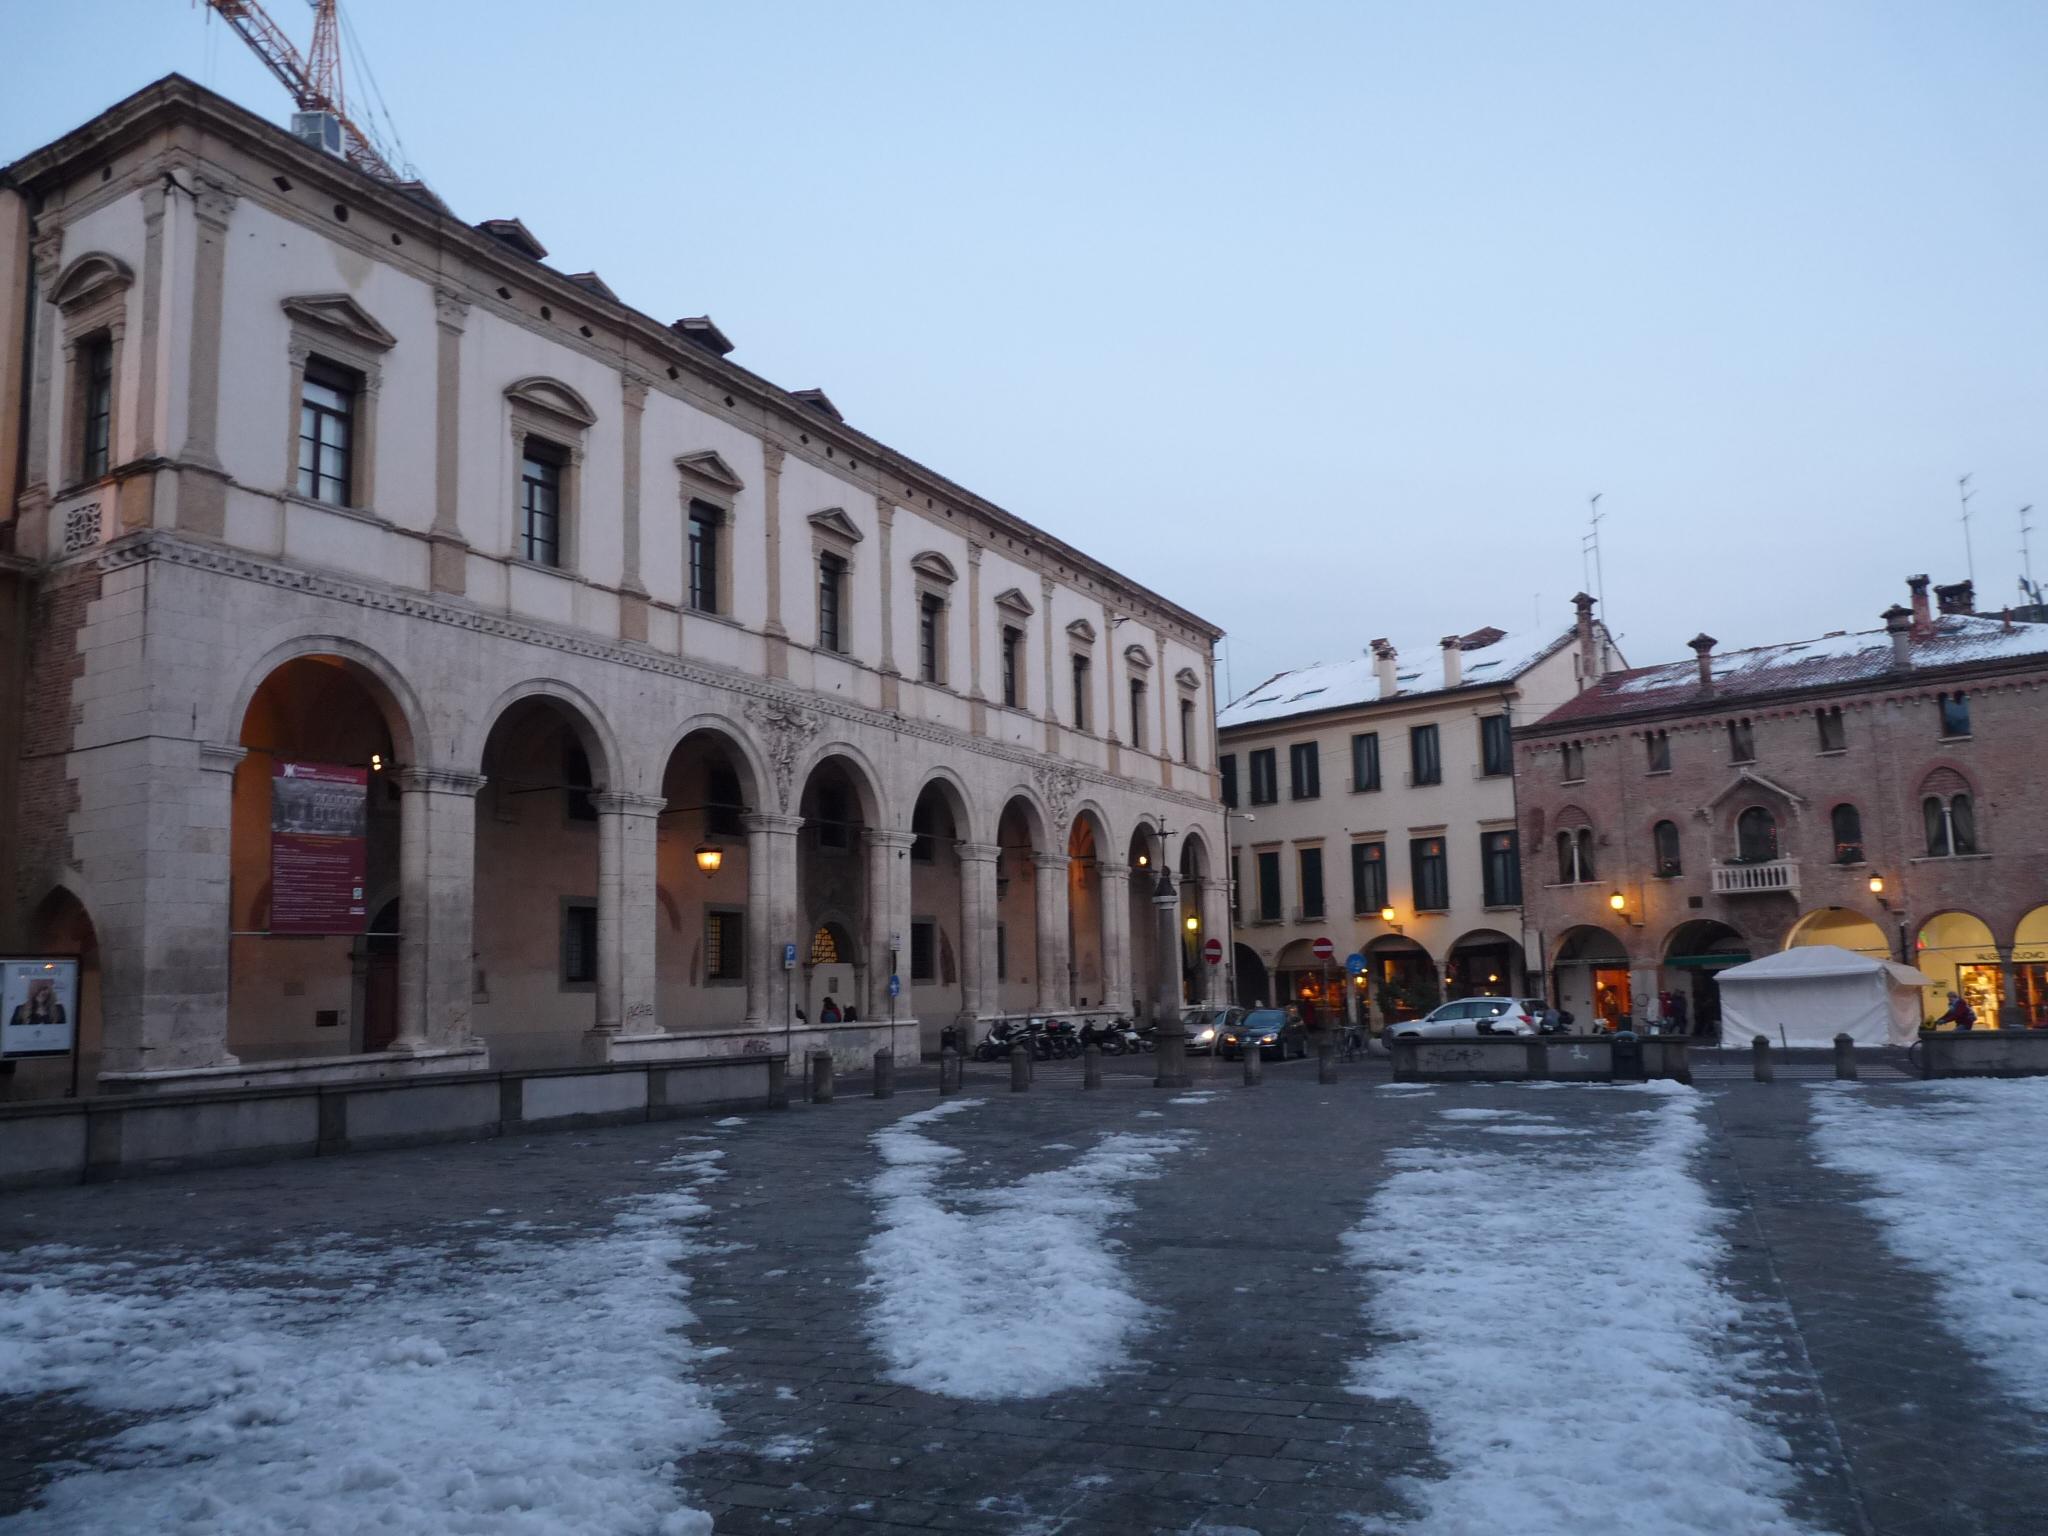 Monte di Pietà in Piazza Duomo